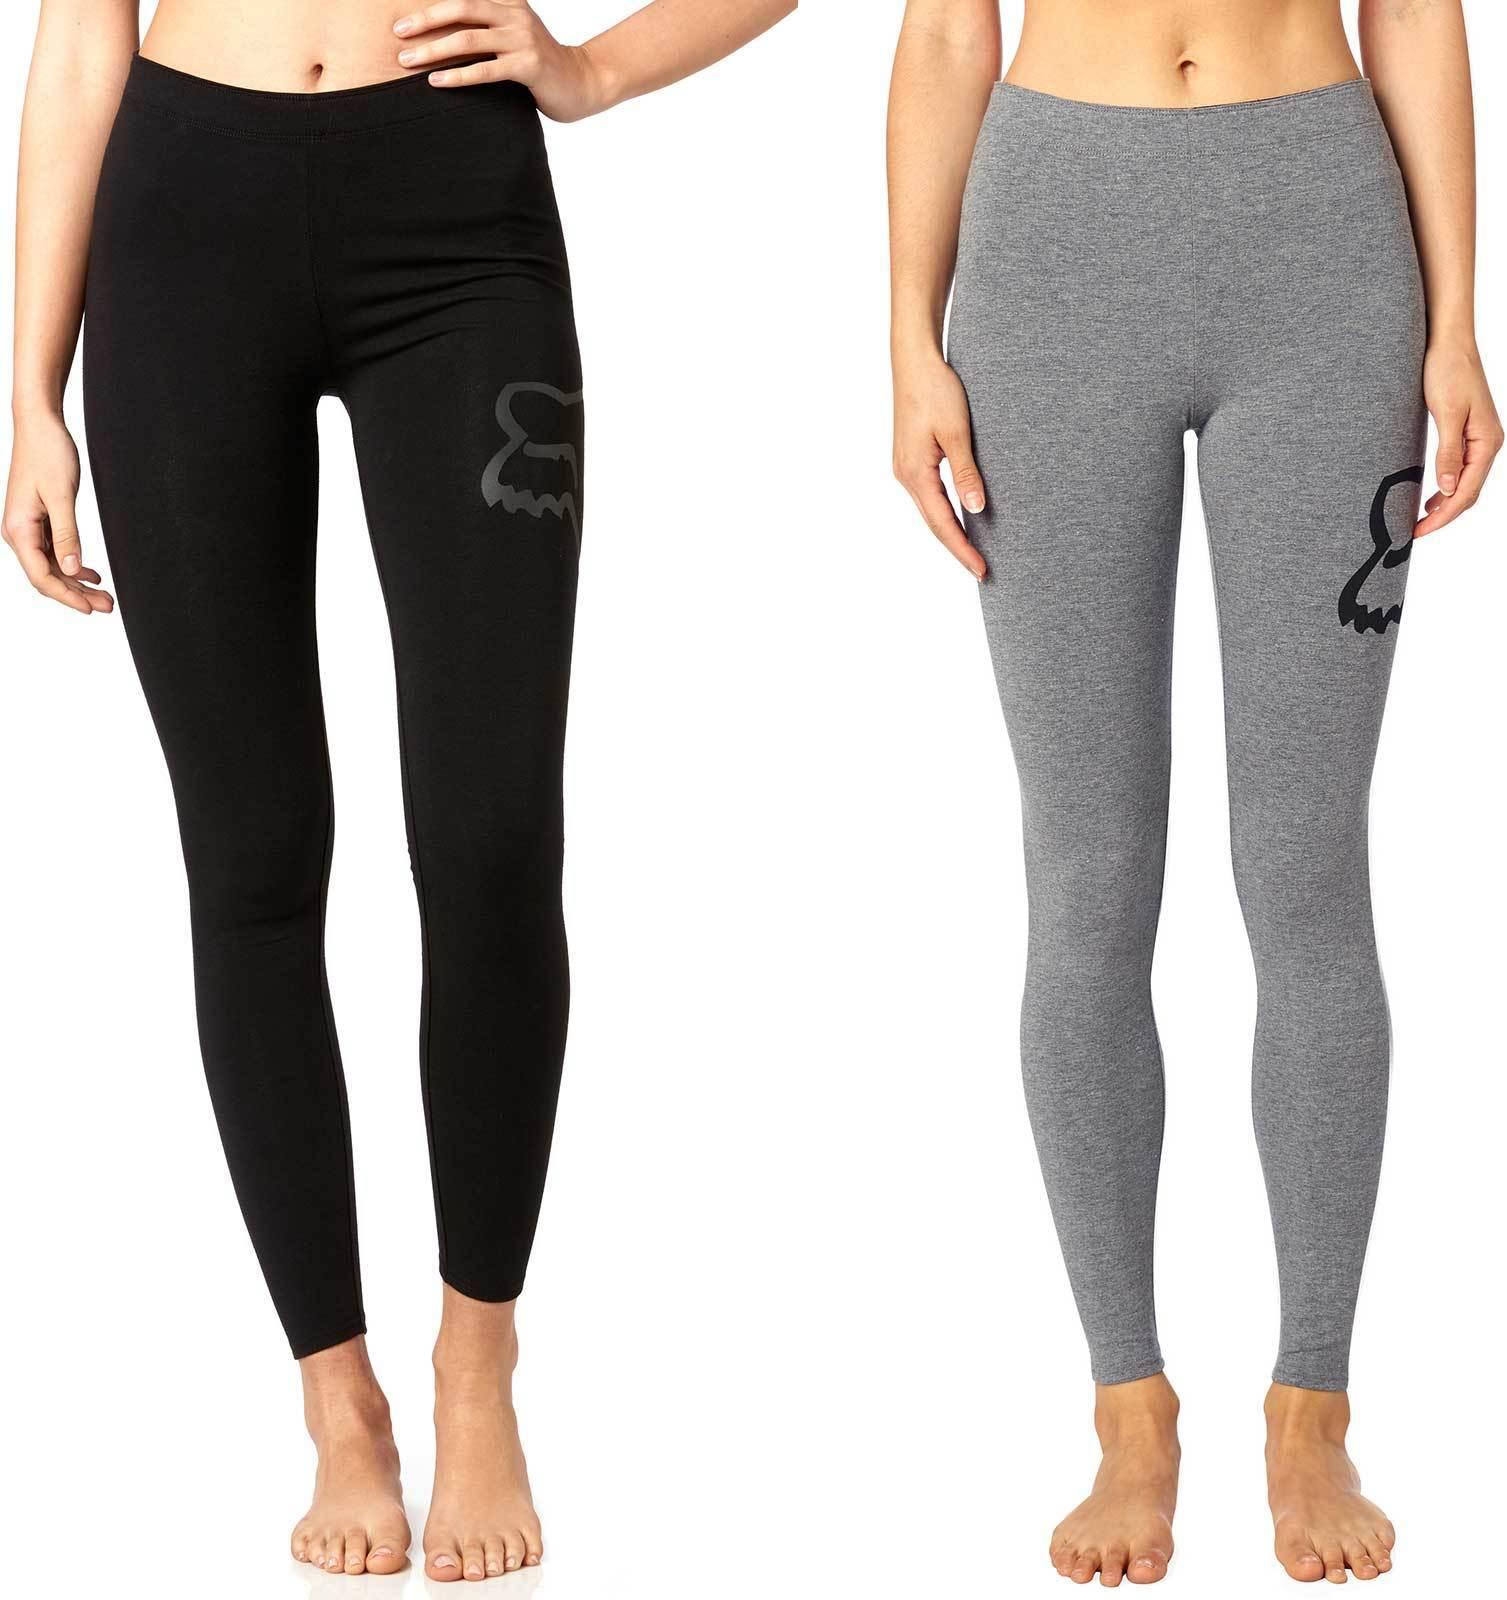 Fox Racing Femme enduration Leggings Solid Stretch Yoga